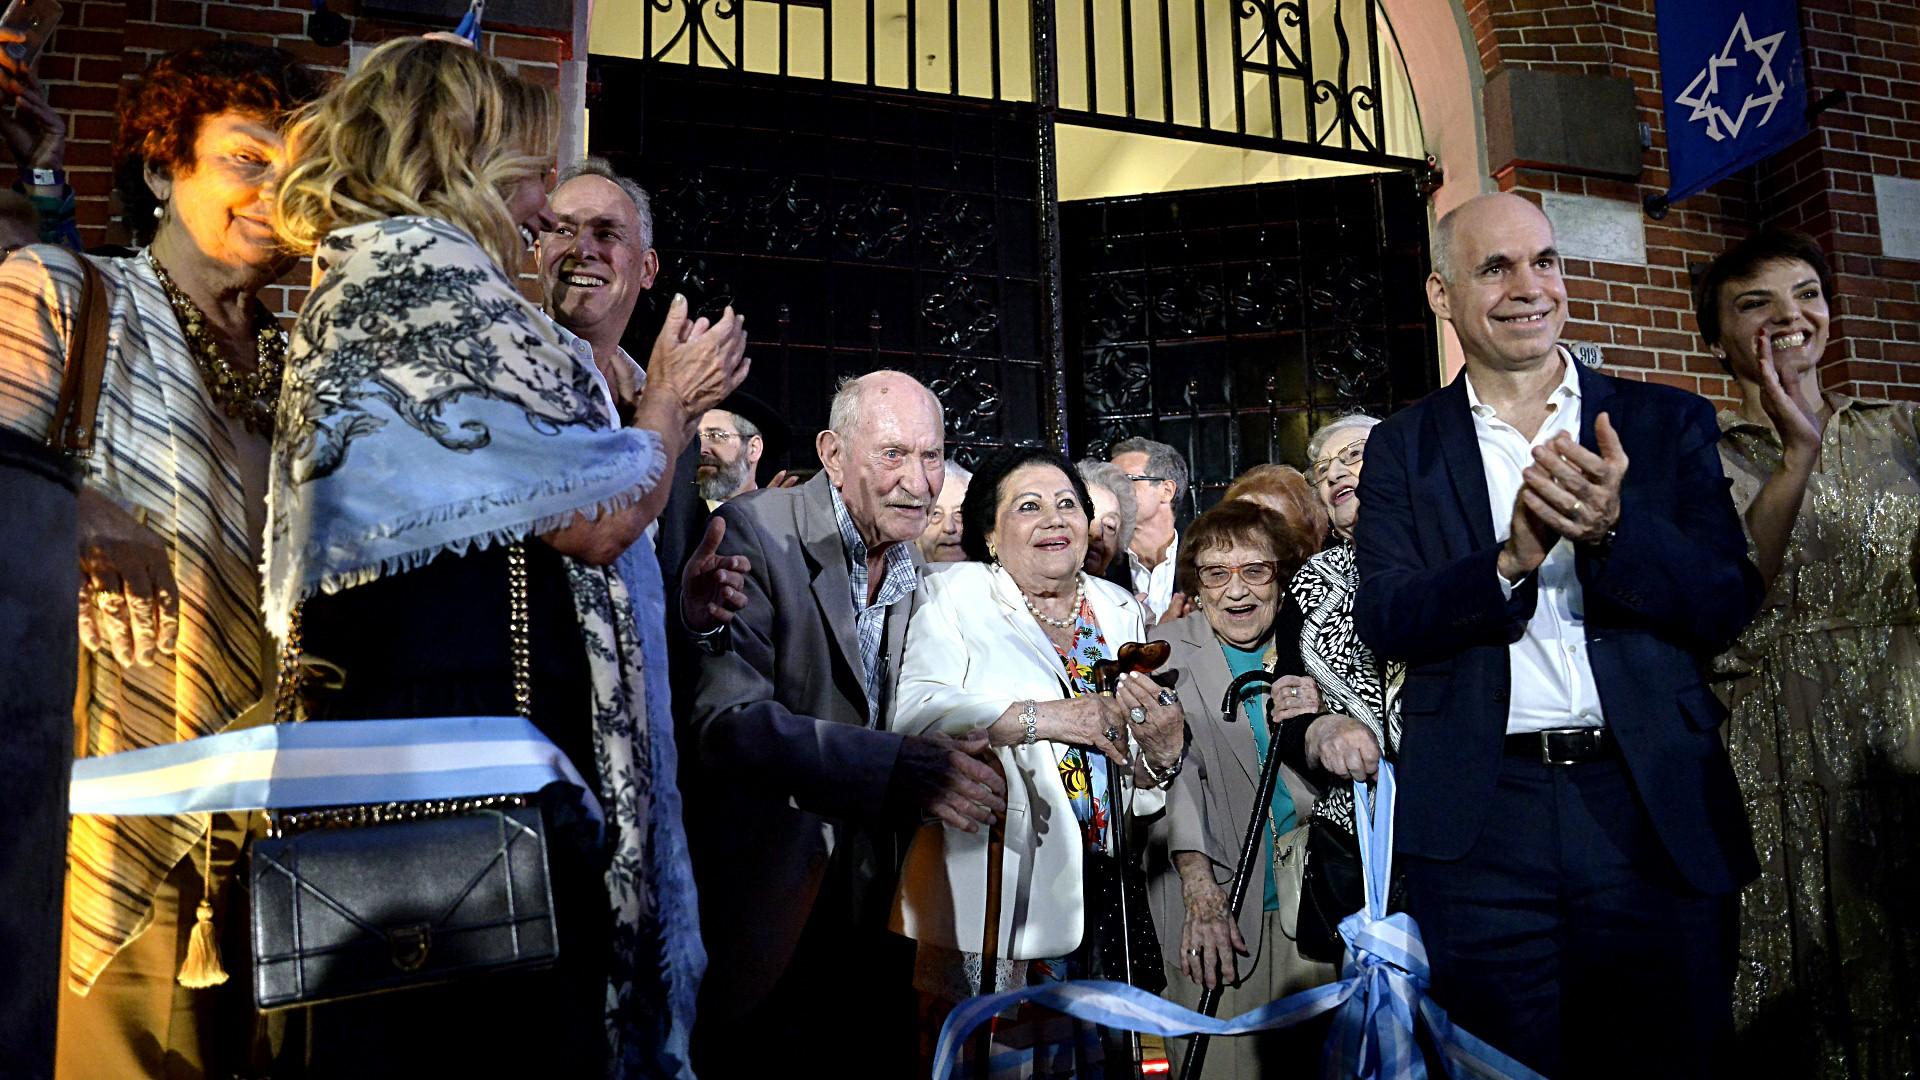 El momento del corte de cinta, el jefe de Gobierno, el presidente del Museo del Holocausto con los sobrevivientes miembros de la comitiva